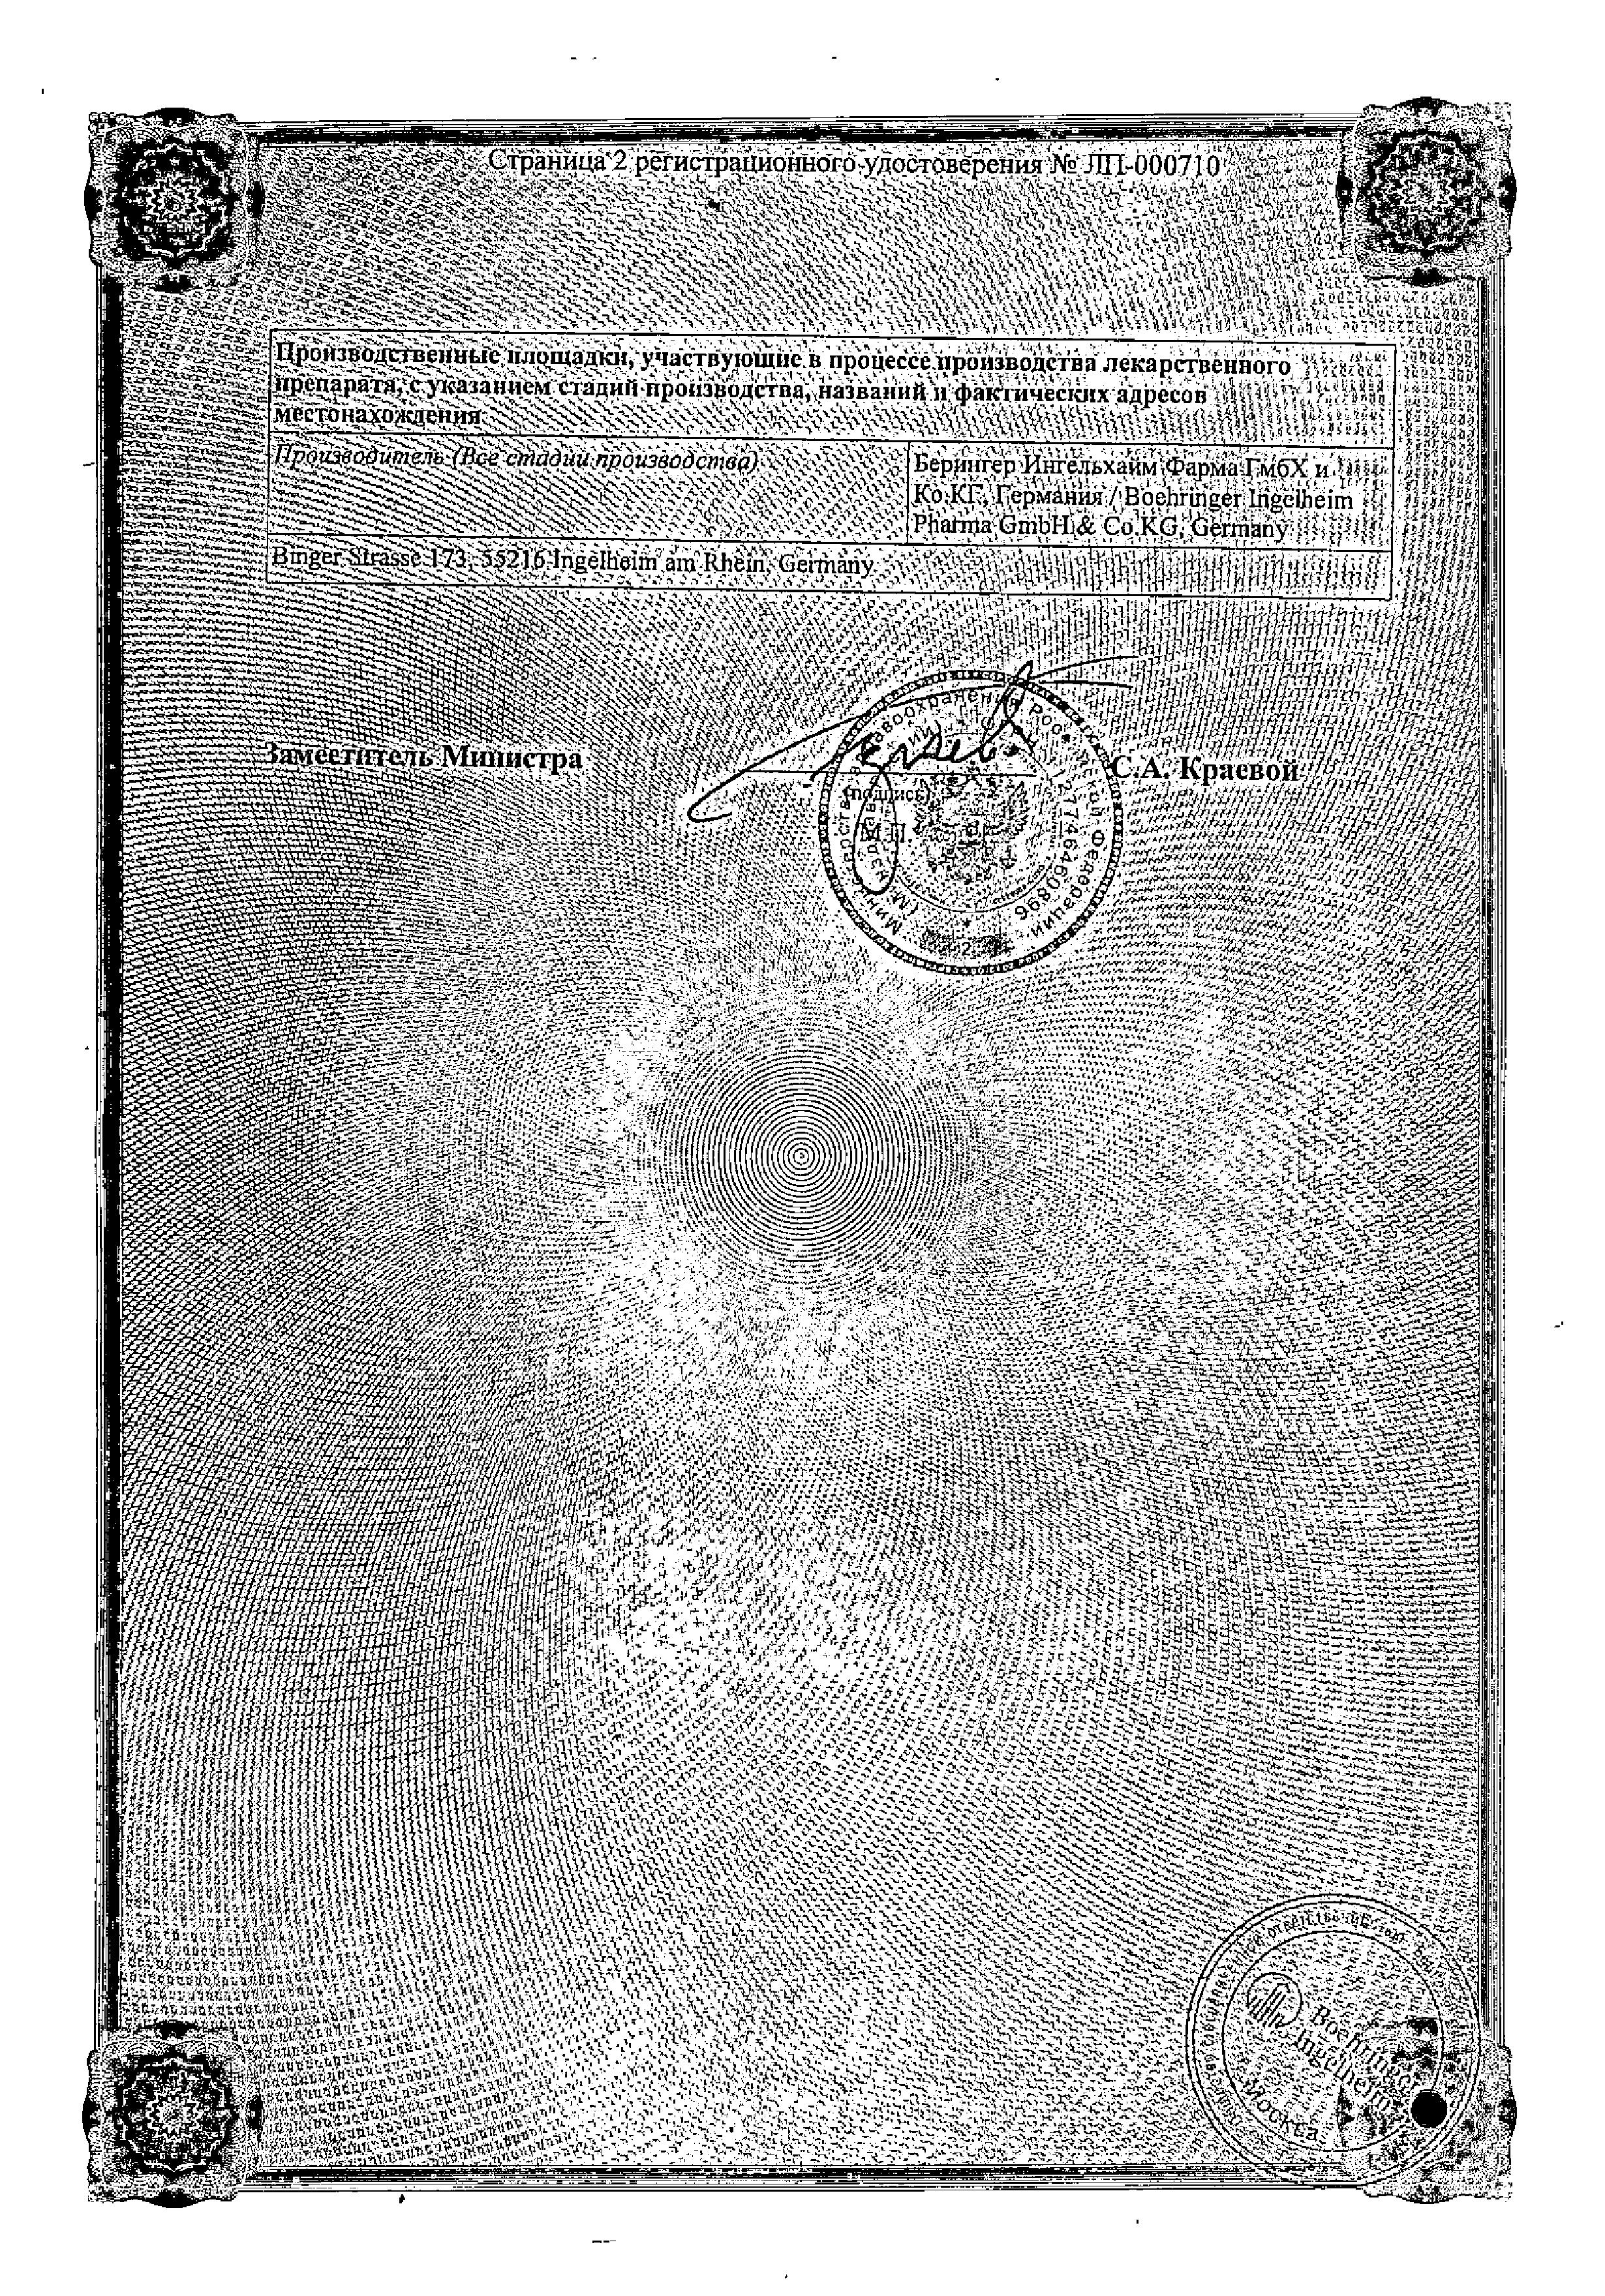 Мирапекс